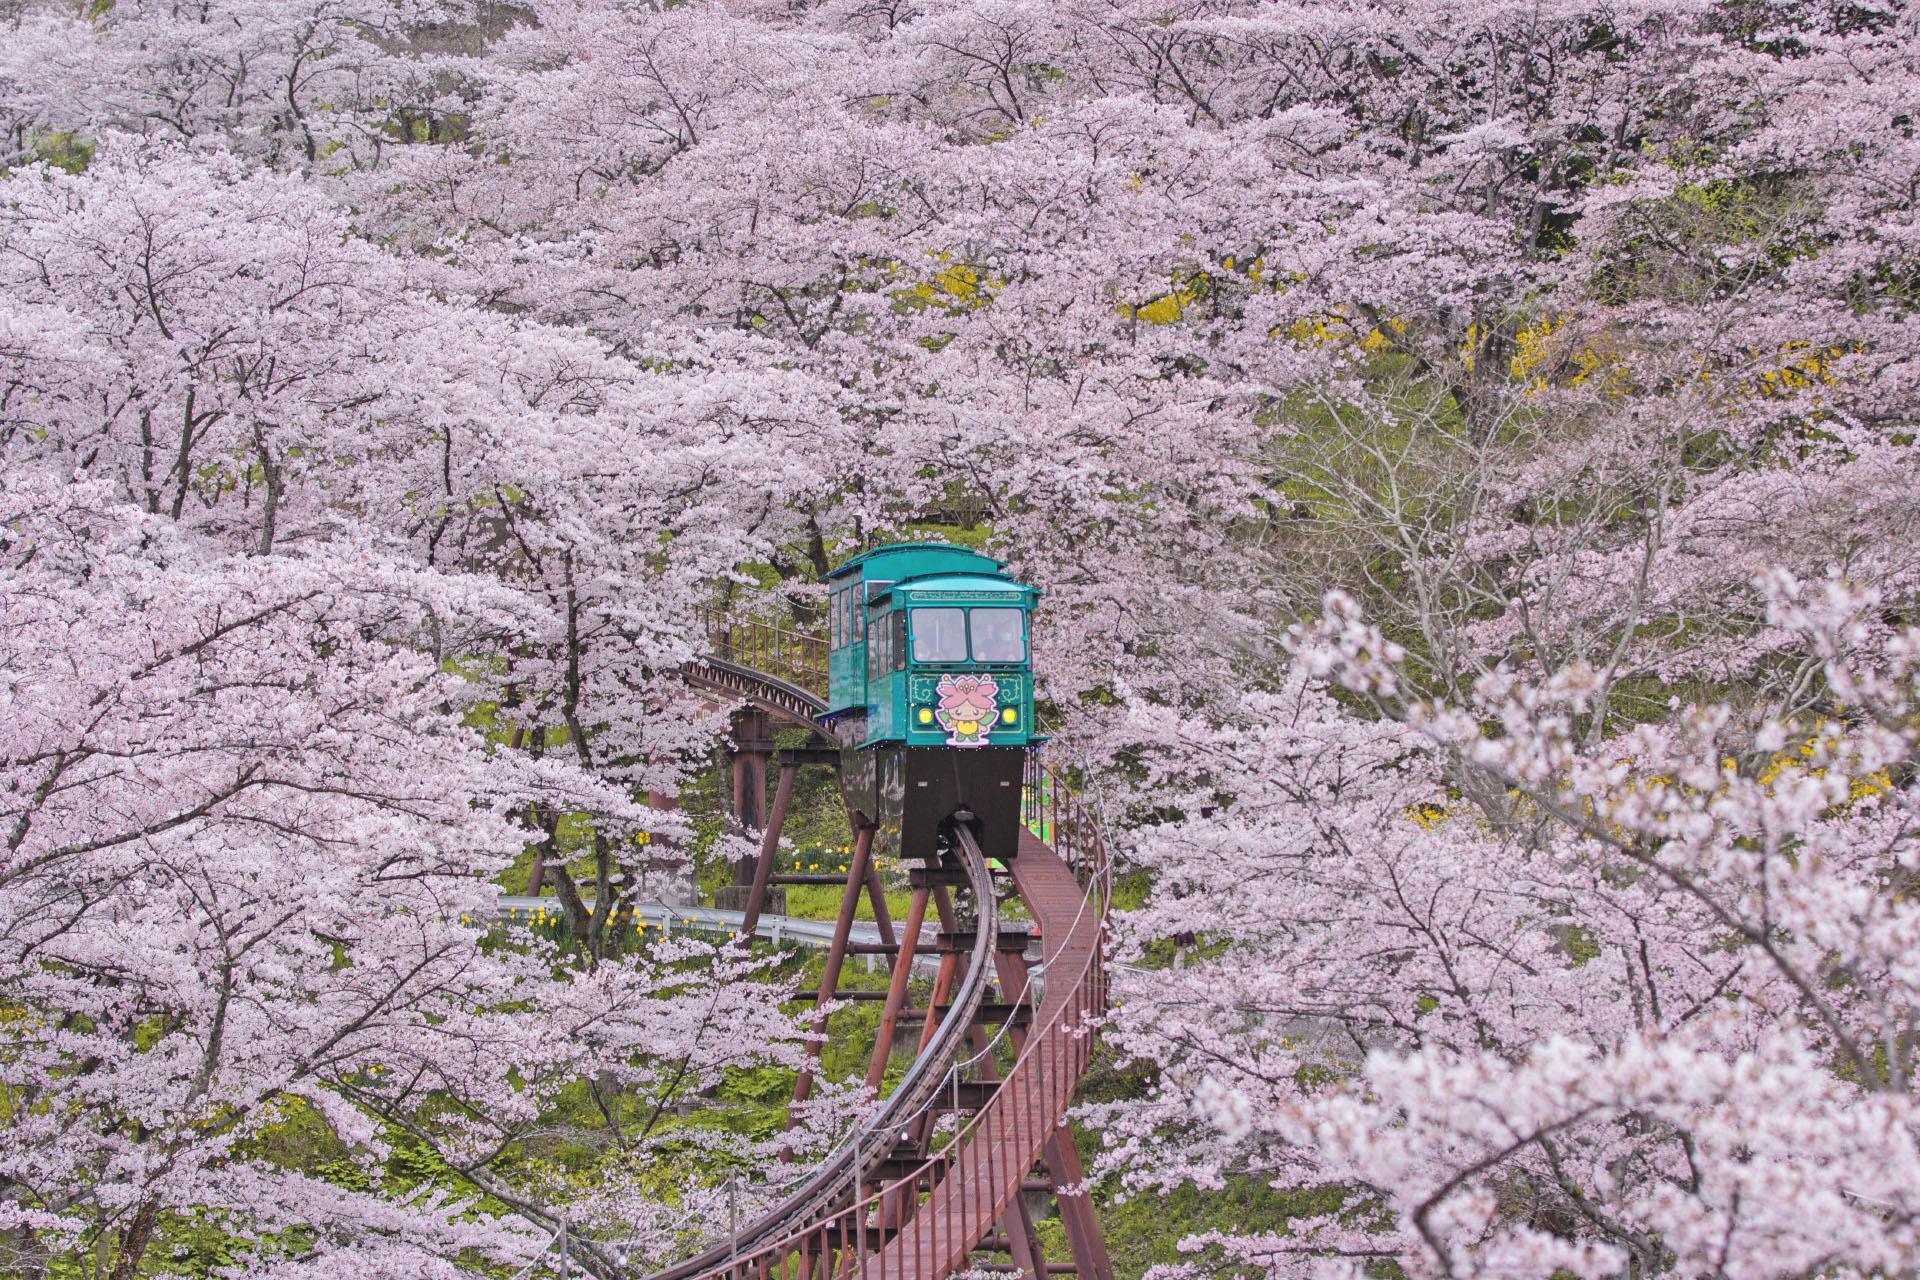 船岡城址公園の桜の風景 宮城の風景